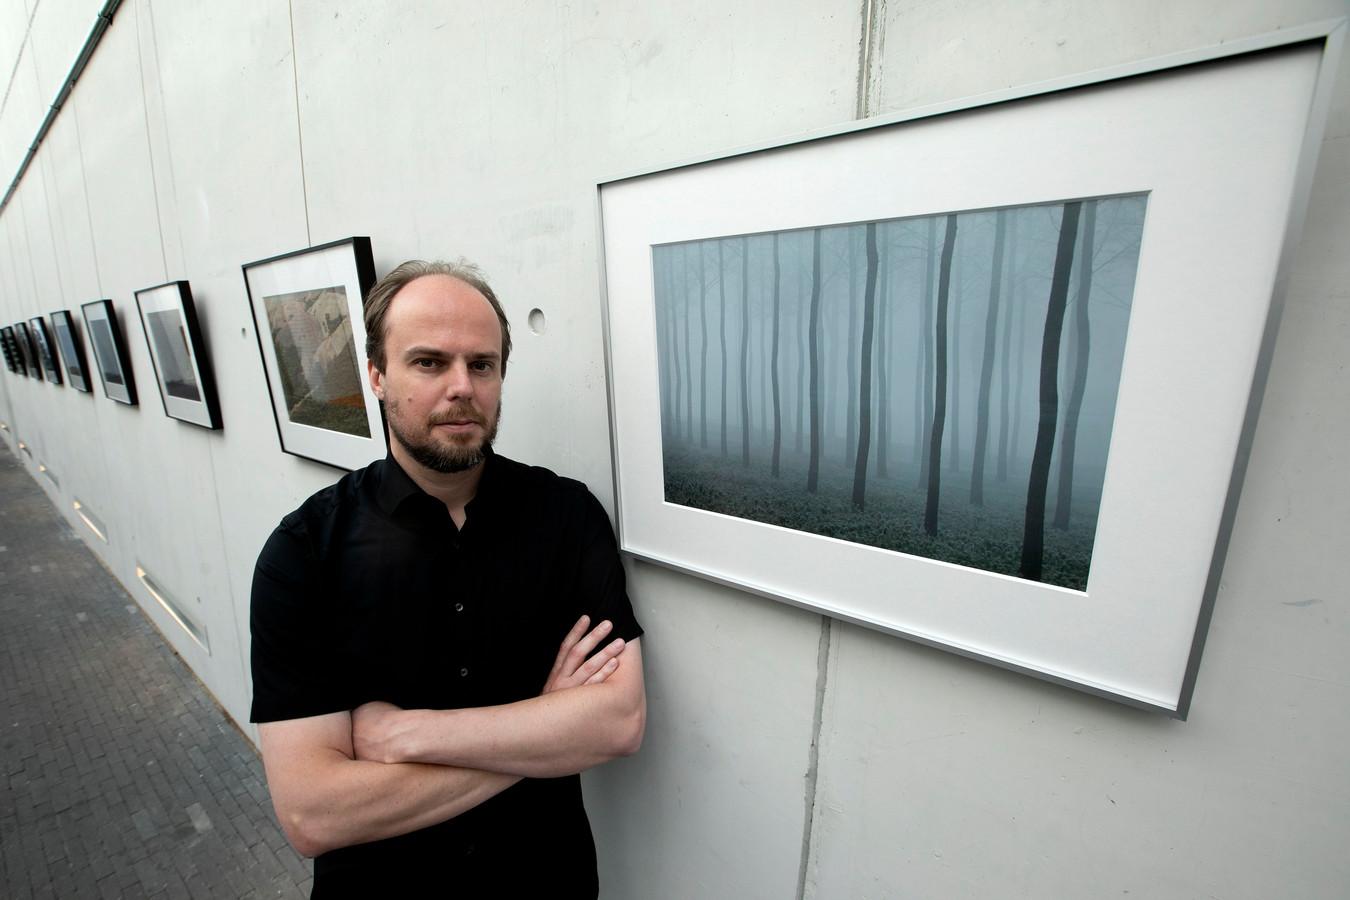 Fotowerk van Merijn Bisschops vormt een inspiratiebron voor muziek.